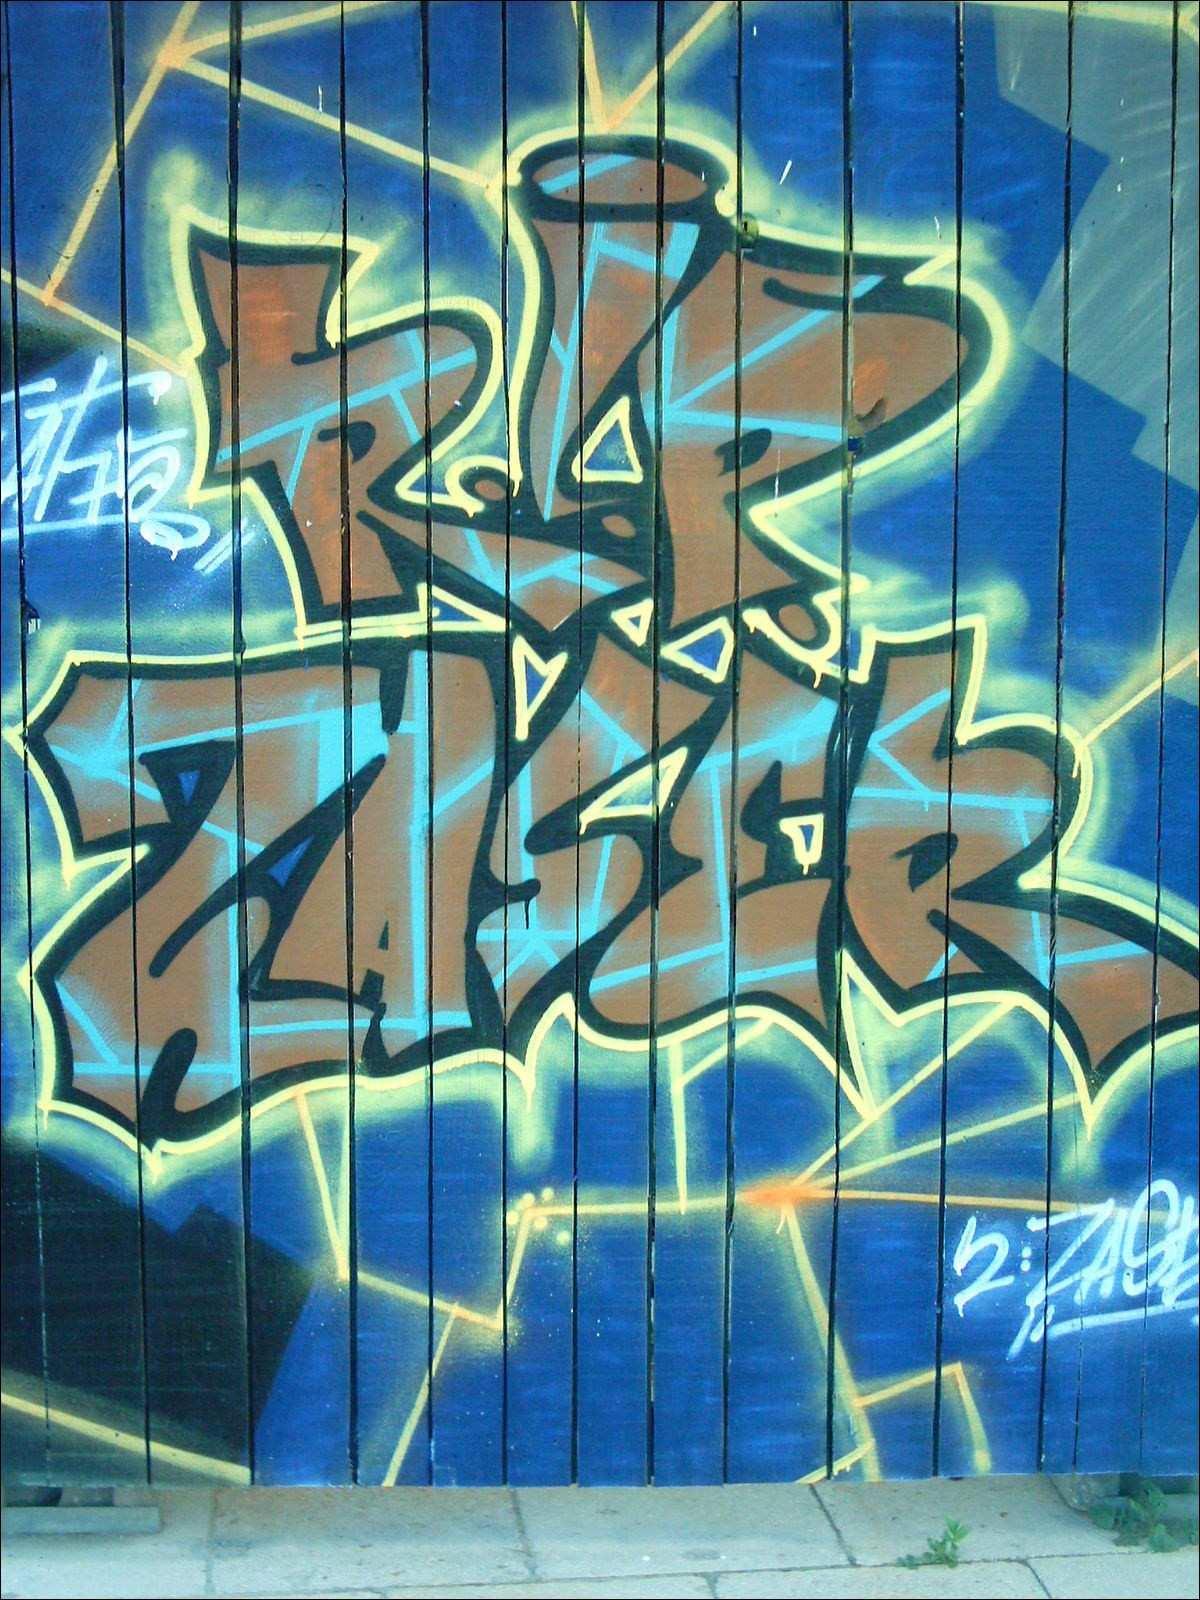 Graffiti Ausmalbilder Namen Neu Graffiti Bilder Zum Ausdrucken Und Ausmalen Foto 40 Graffiti Fotografieren